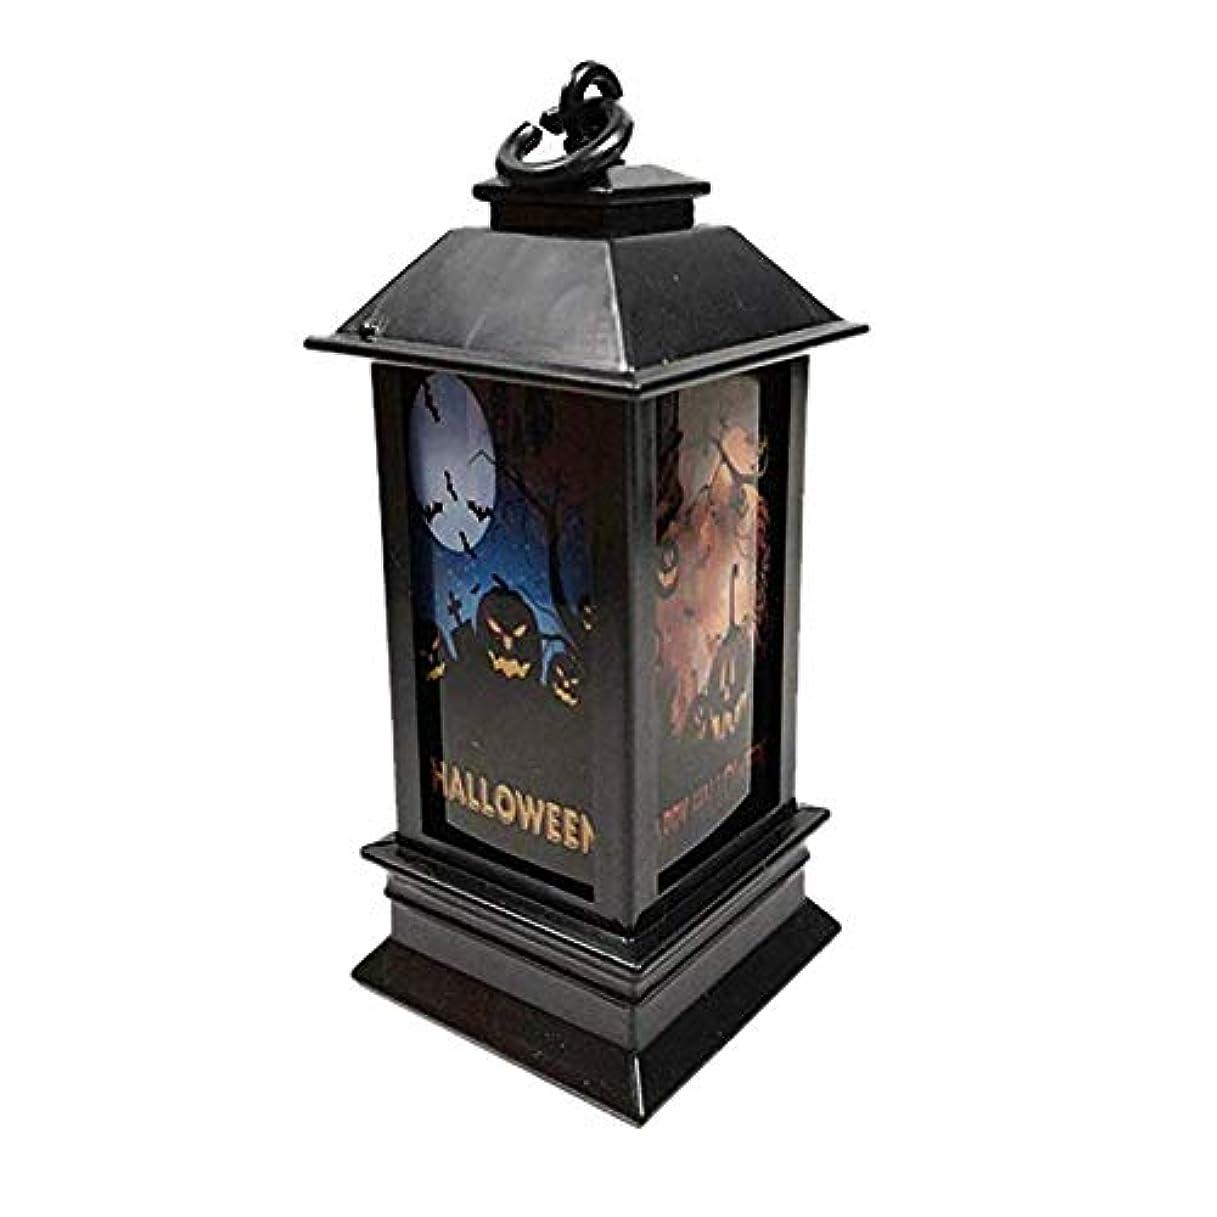 ハックみアーネストシャクルトンUrmagicナイトライト ハロウィンパンプキンライト ランプ Ledランタン 部屋の装飾 LEDランタン パーティー ホーム小道具 飾り